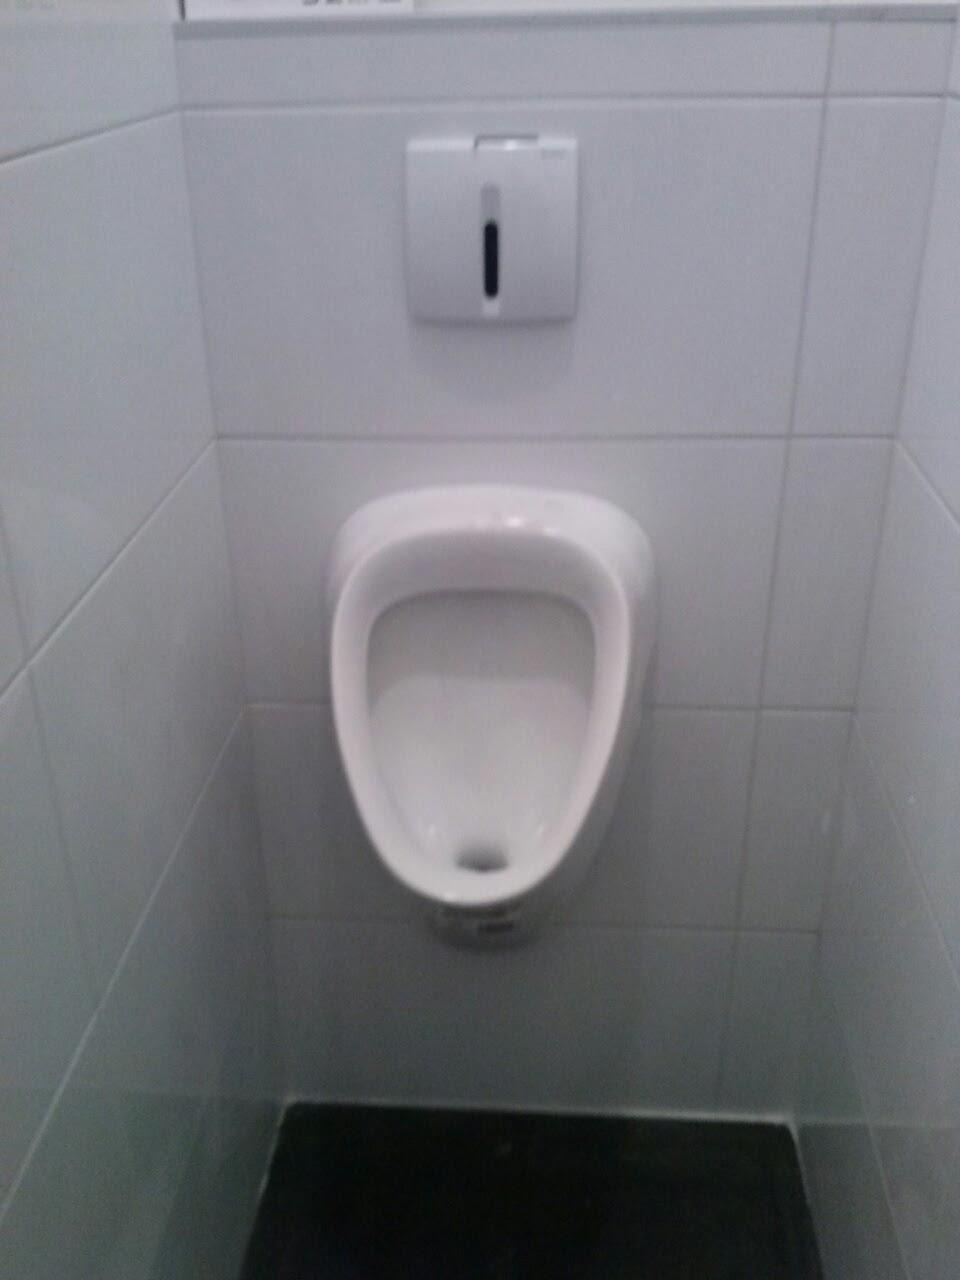 Sanitarije u izlozbenom prostoru